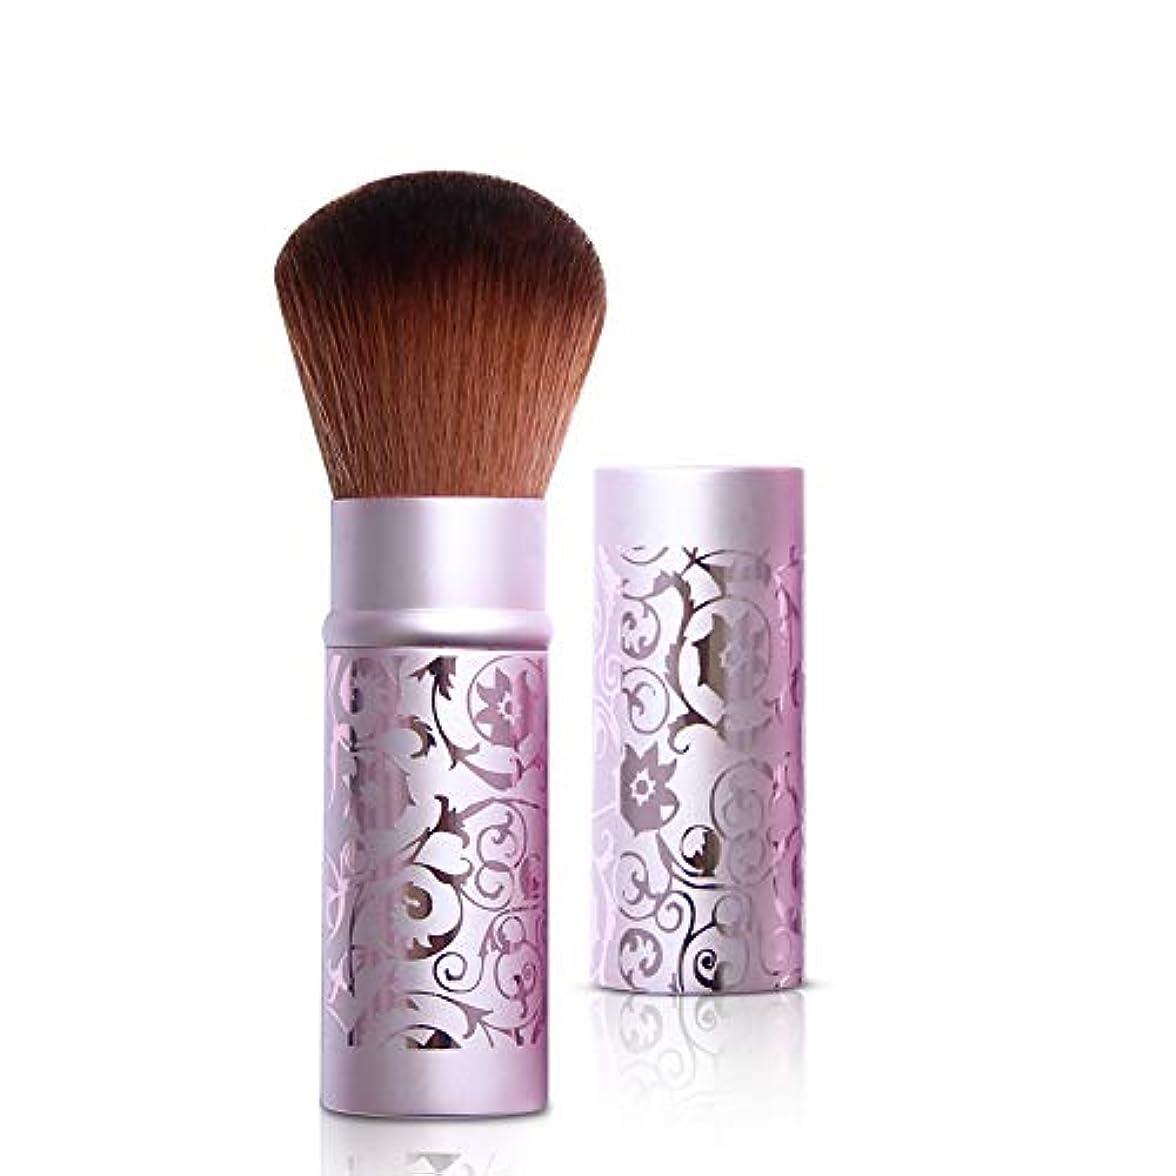 弁護人名誉アーティストルージュブラシセット化粧ブラシ化粧ブラシルースパウダーブラシラージパウダーブラシシャドーブラシブラッシュブラシテレスコピックポータブル蓋付き,Purple